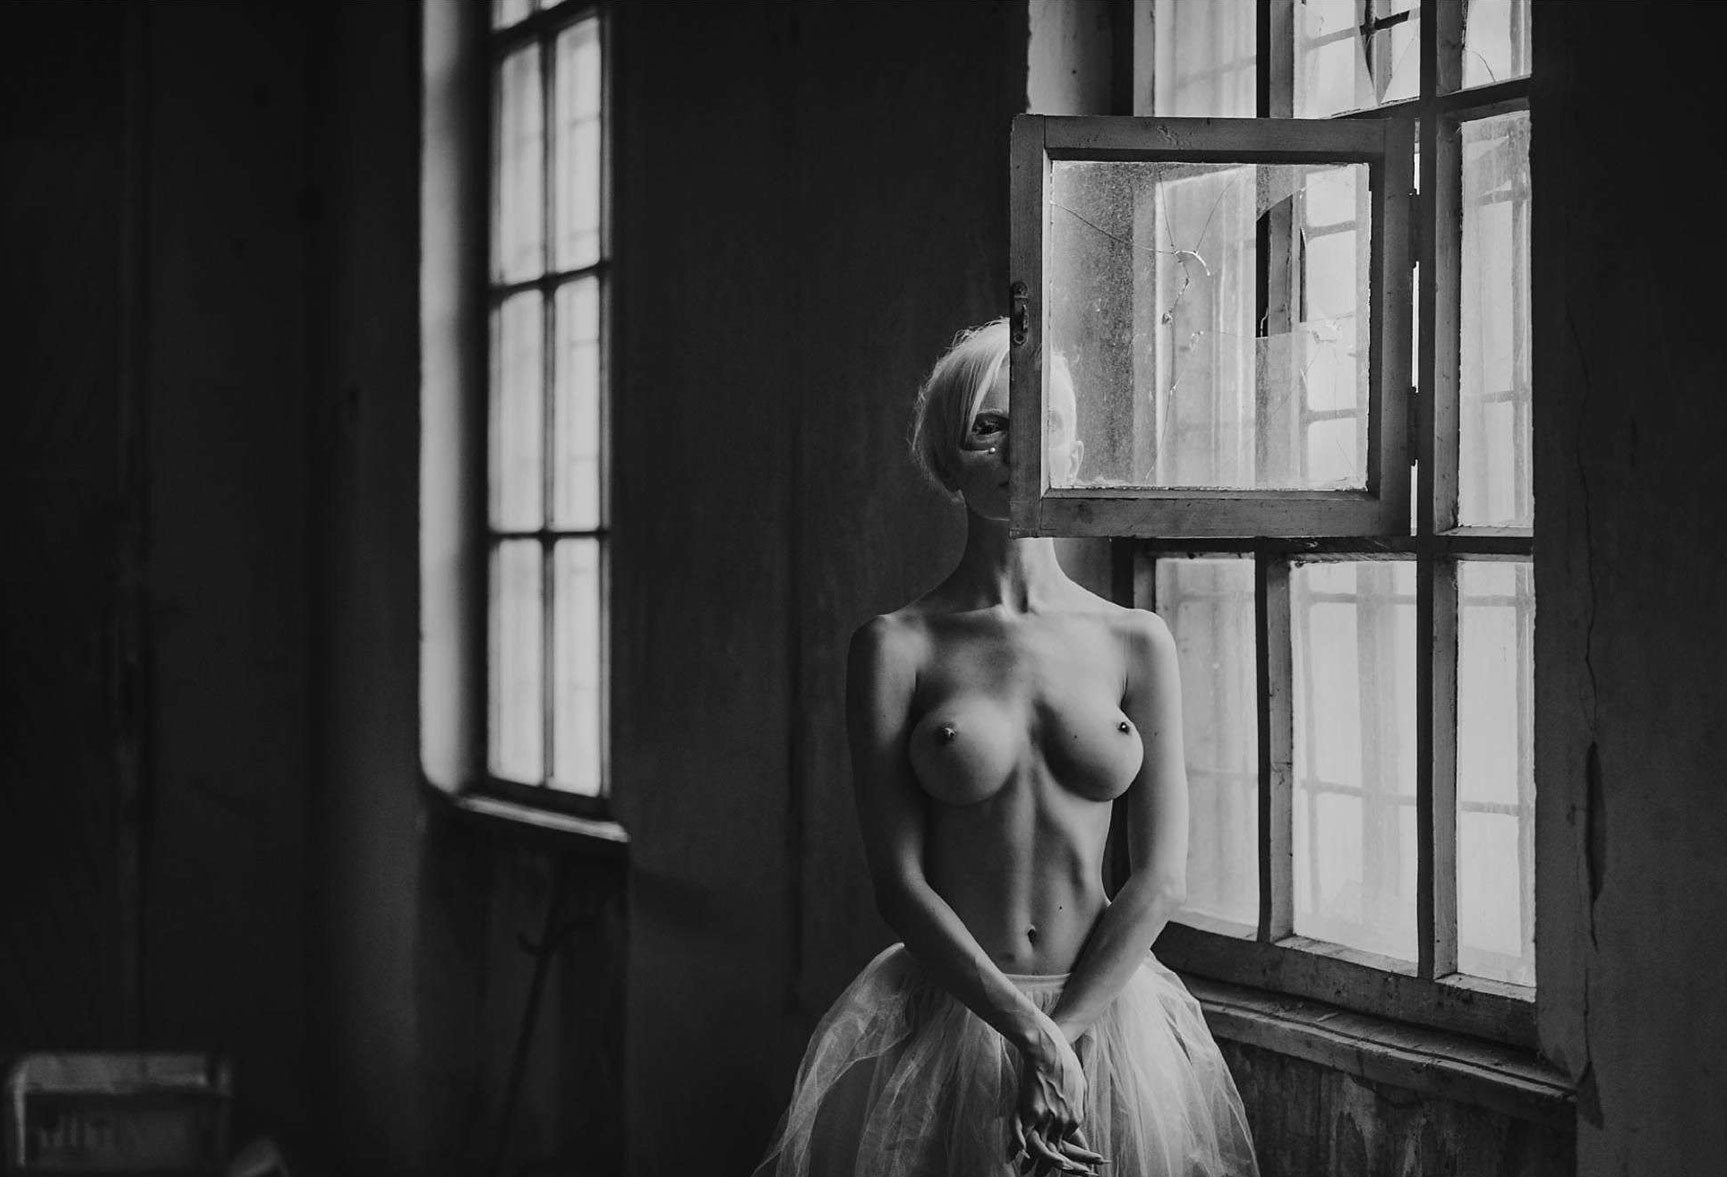 Киев, Рыбальский Остров - Алиса Лисс / Alisa Liss nude by Arkadiy Kurta - Volo Magazine april 2017